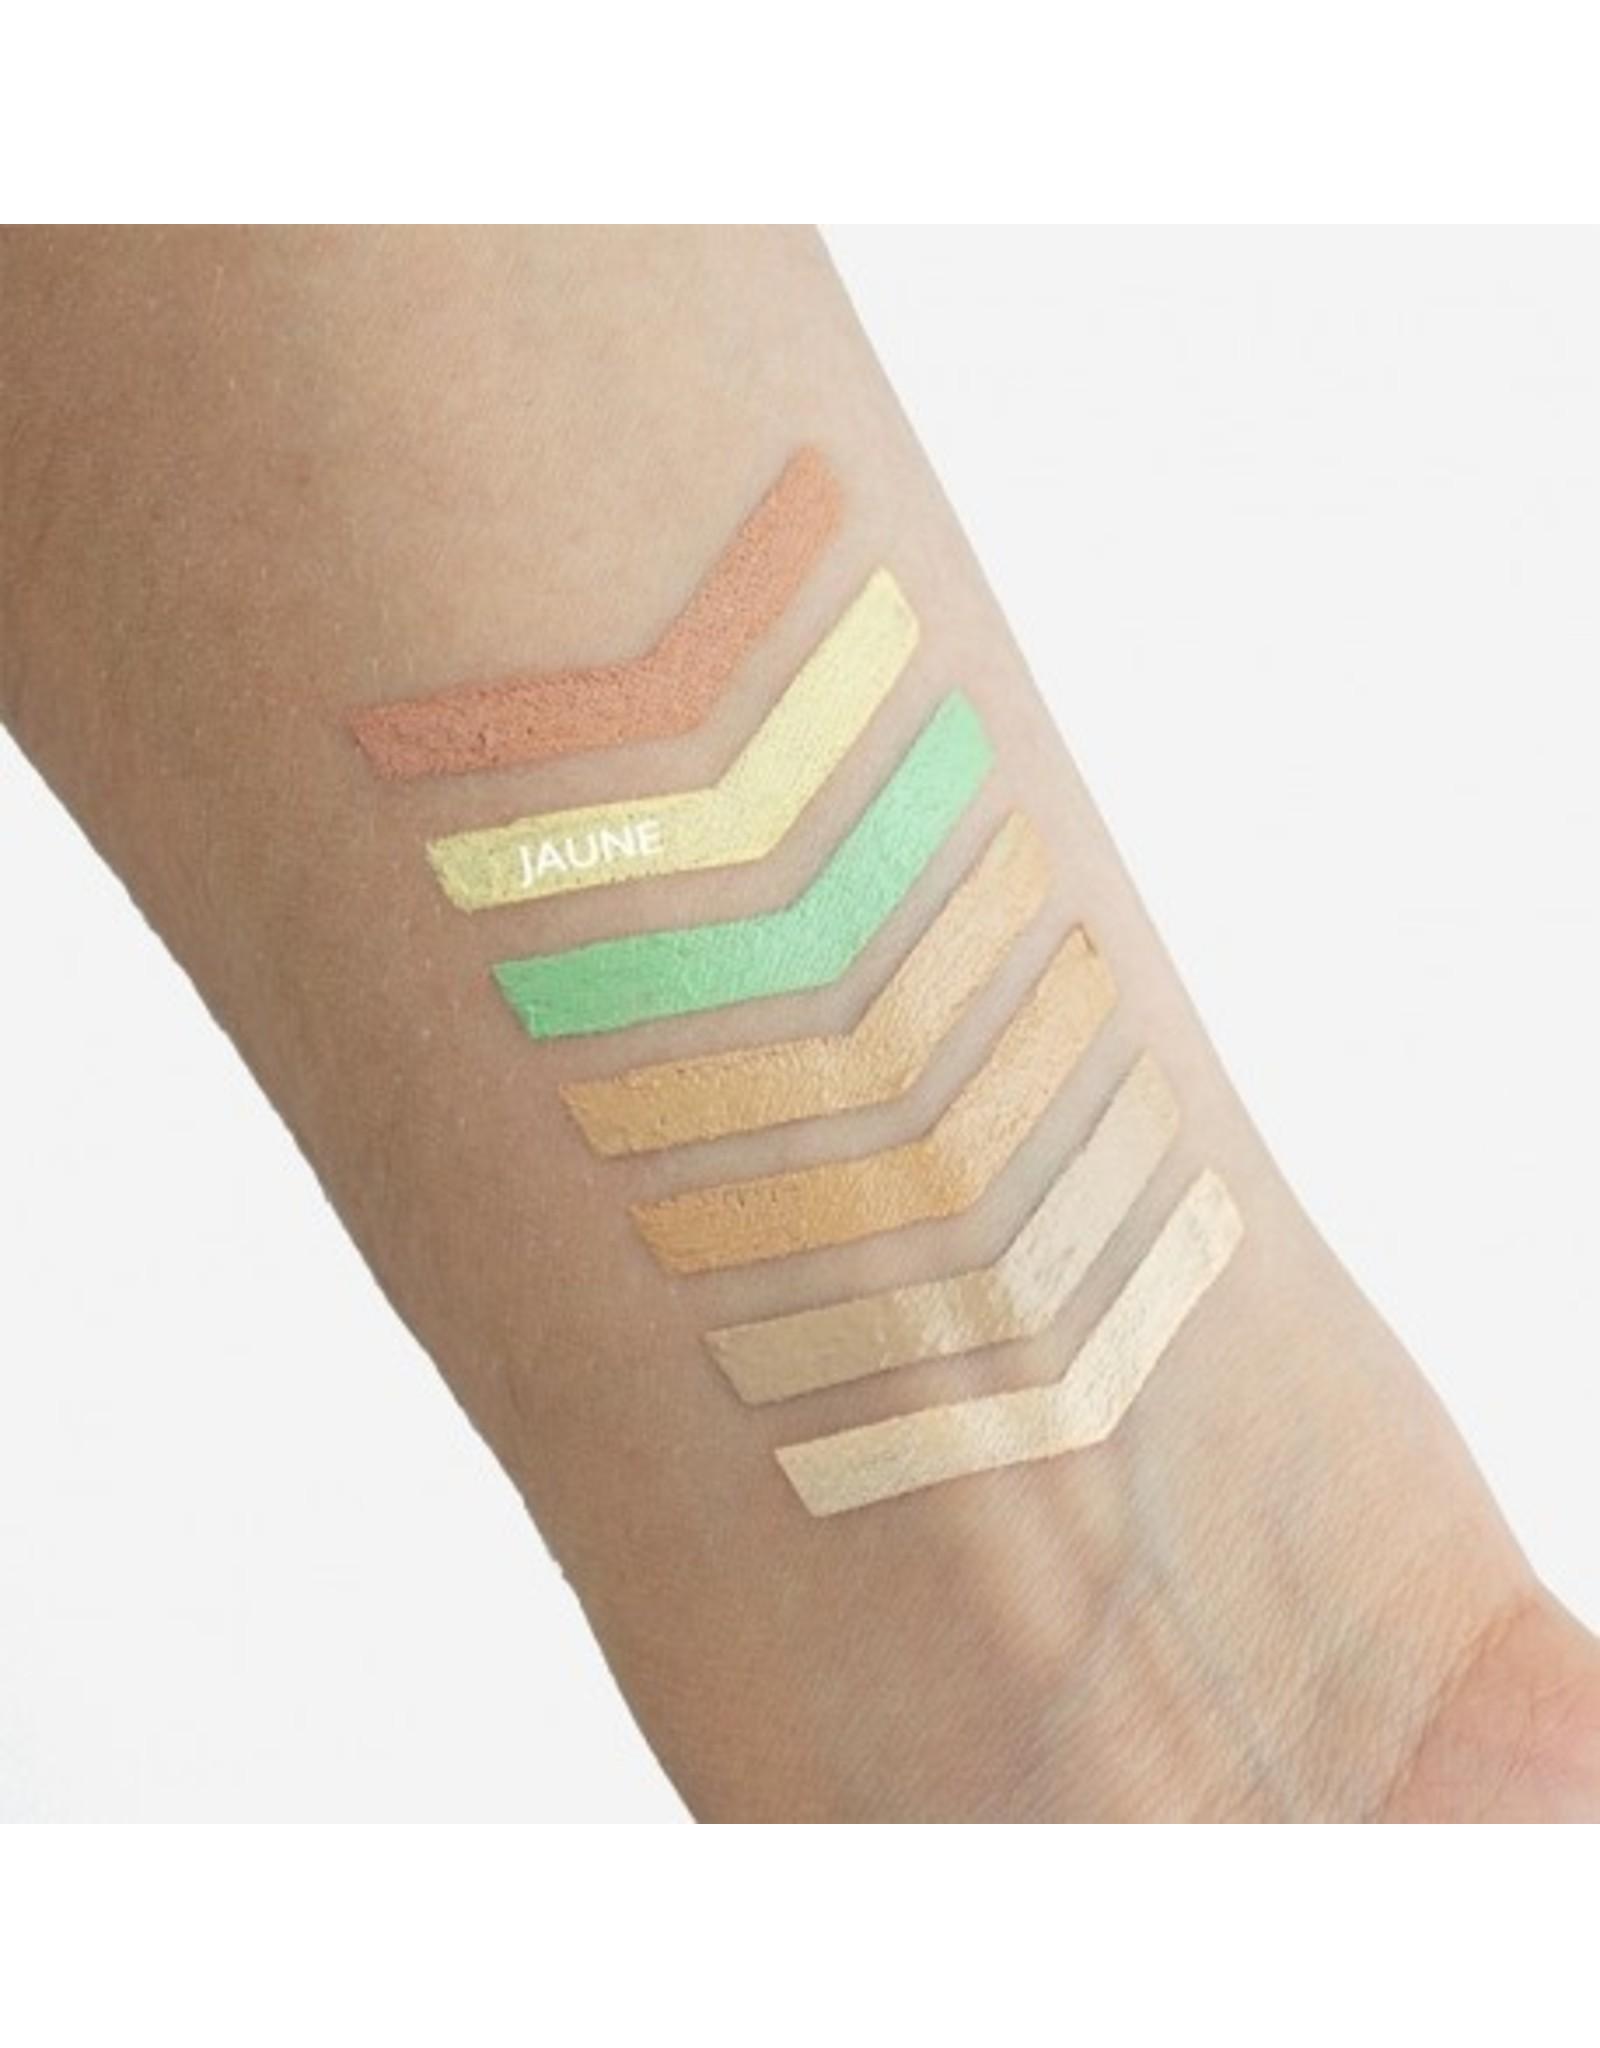 Boho Green Make Up correcteur de teint